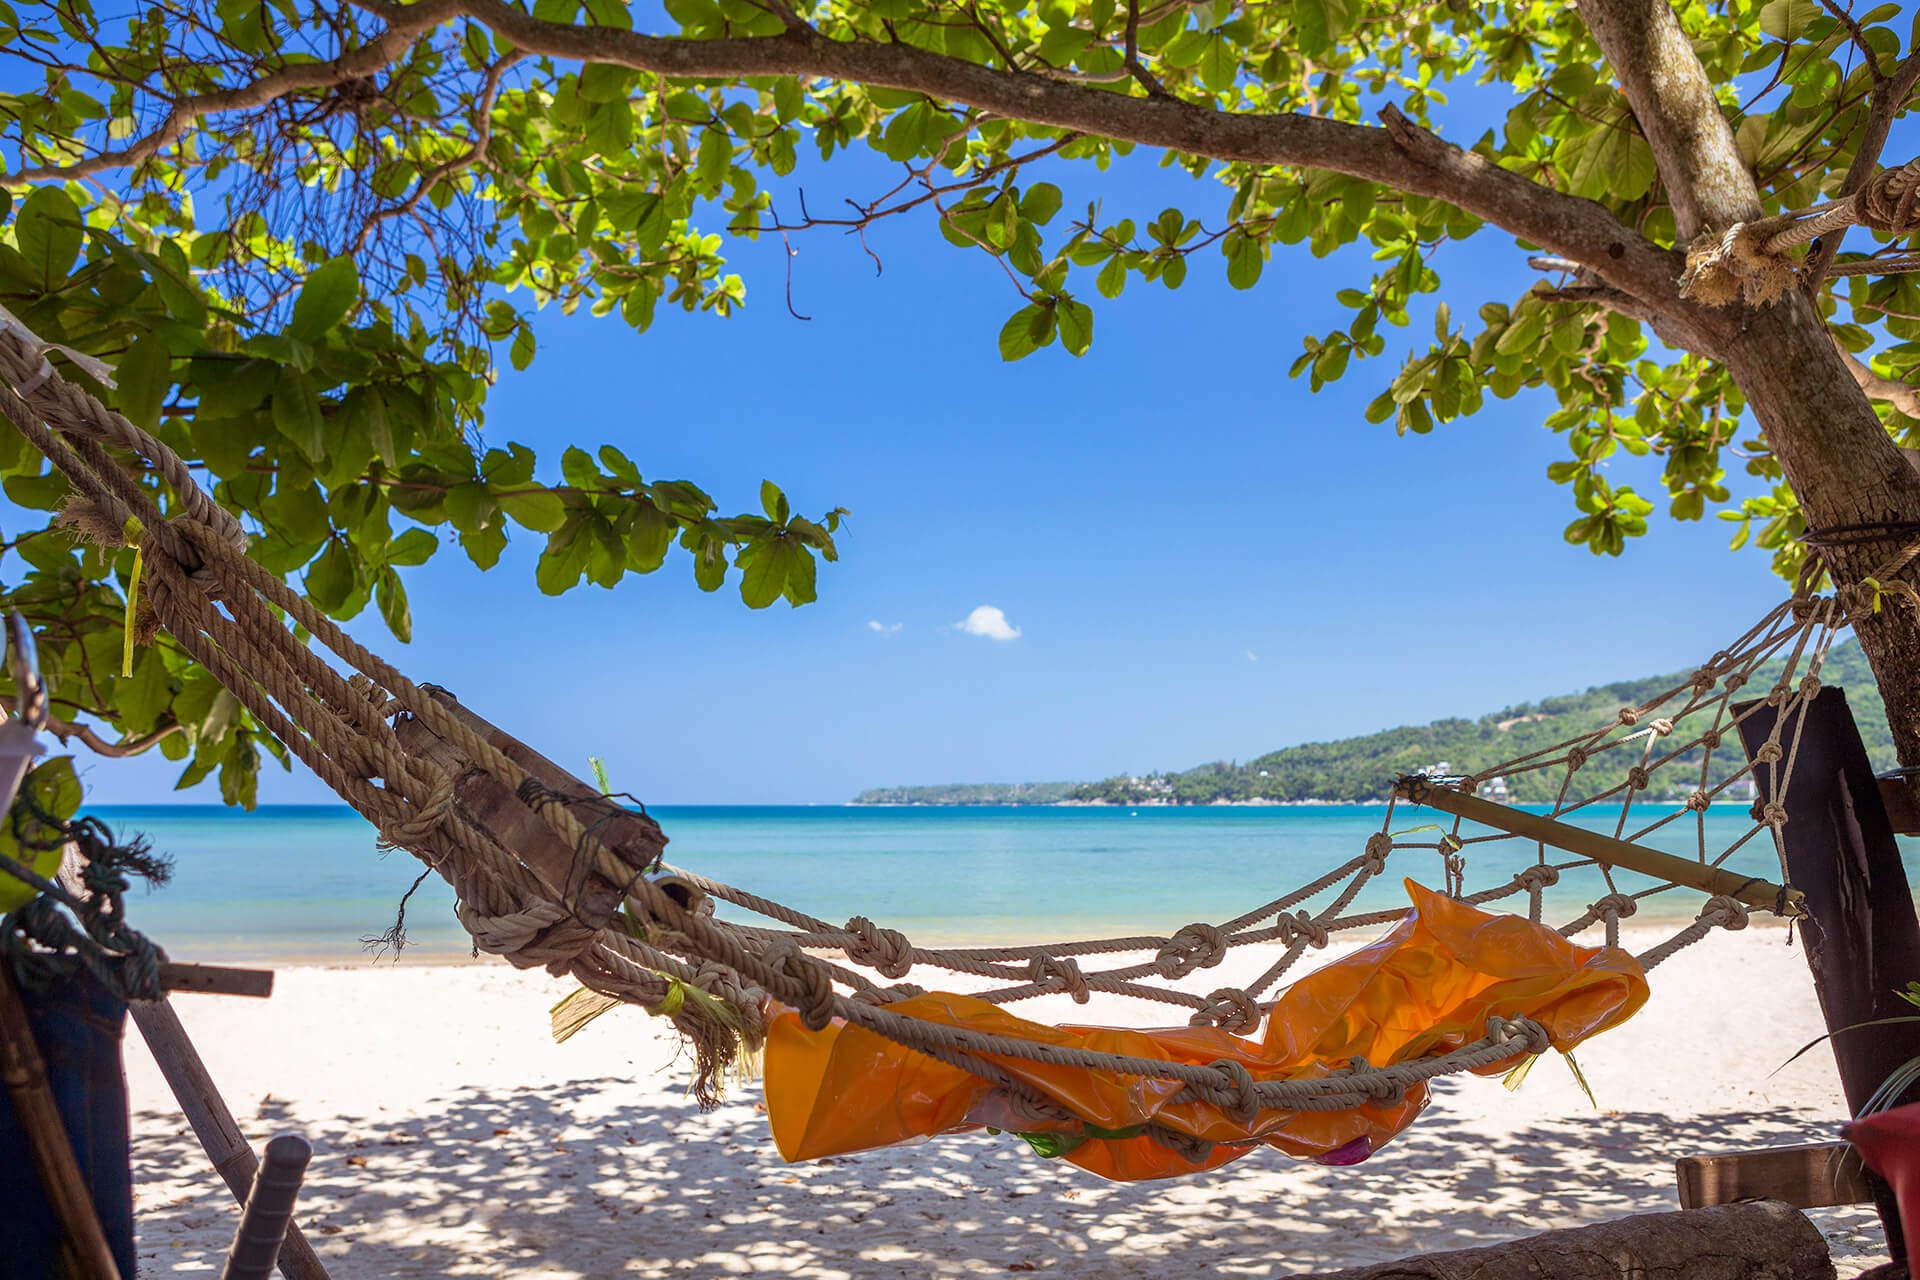 Kamala Beach Phuket Thailand | Kata Rocks Resort Phuket Thailand